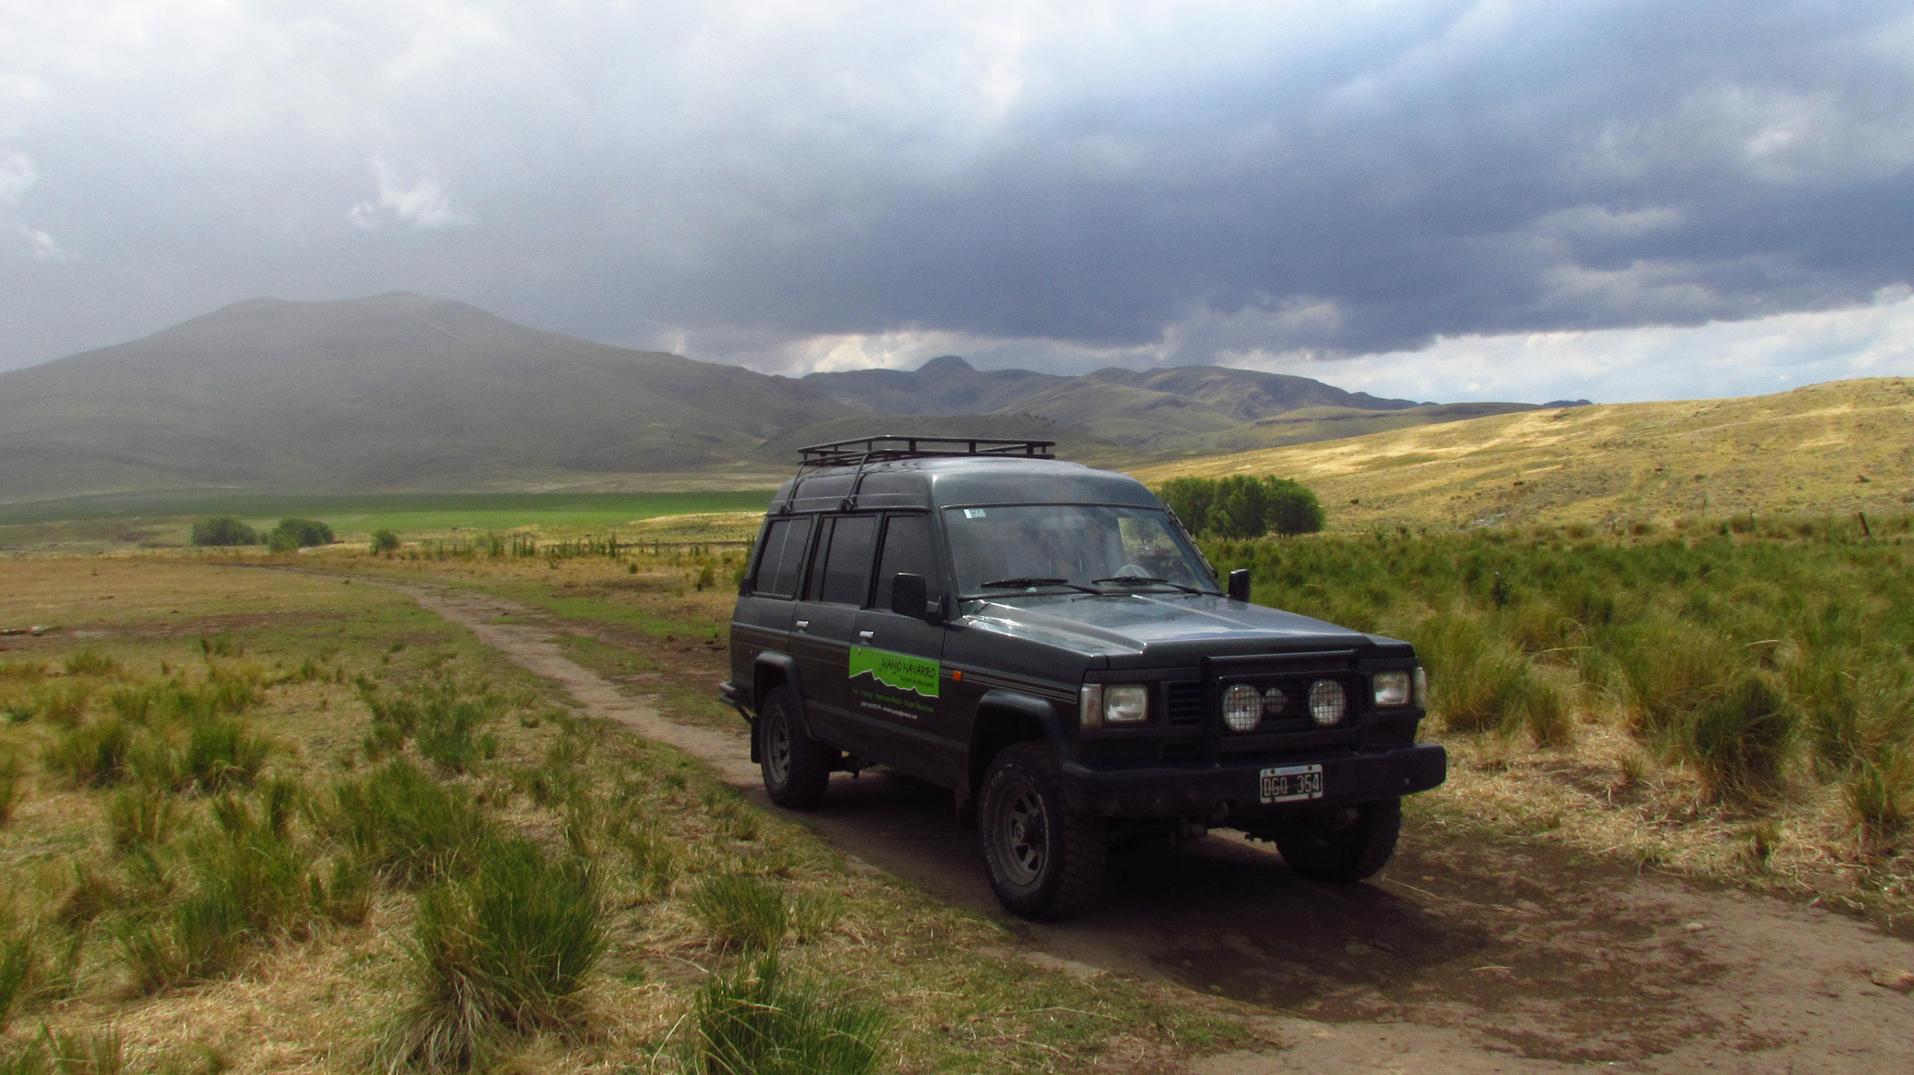 Excursión 4x4 en Sierra de la Ventana